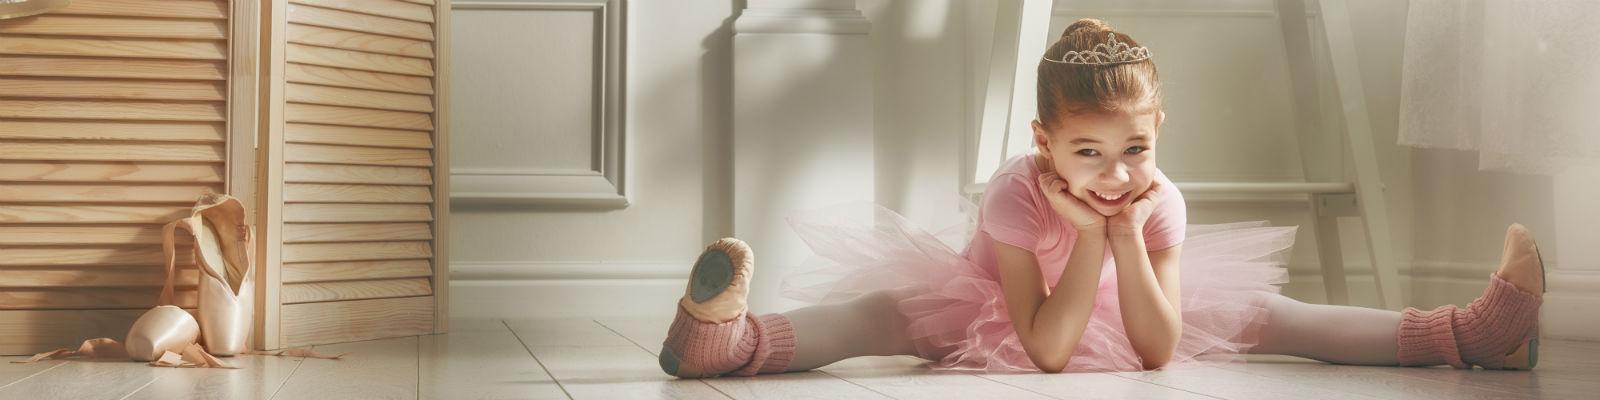 niezbednik na balet